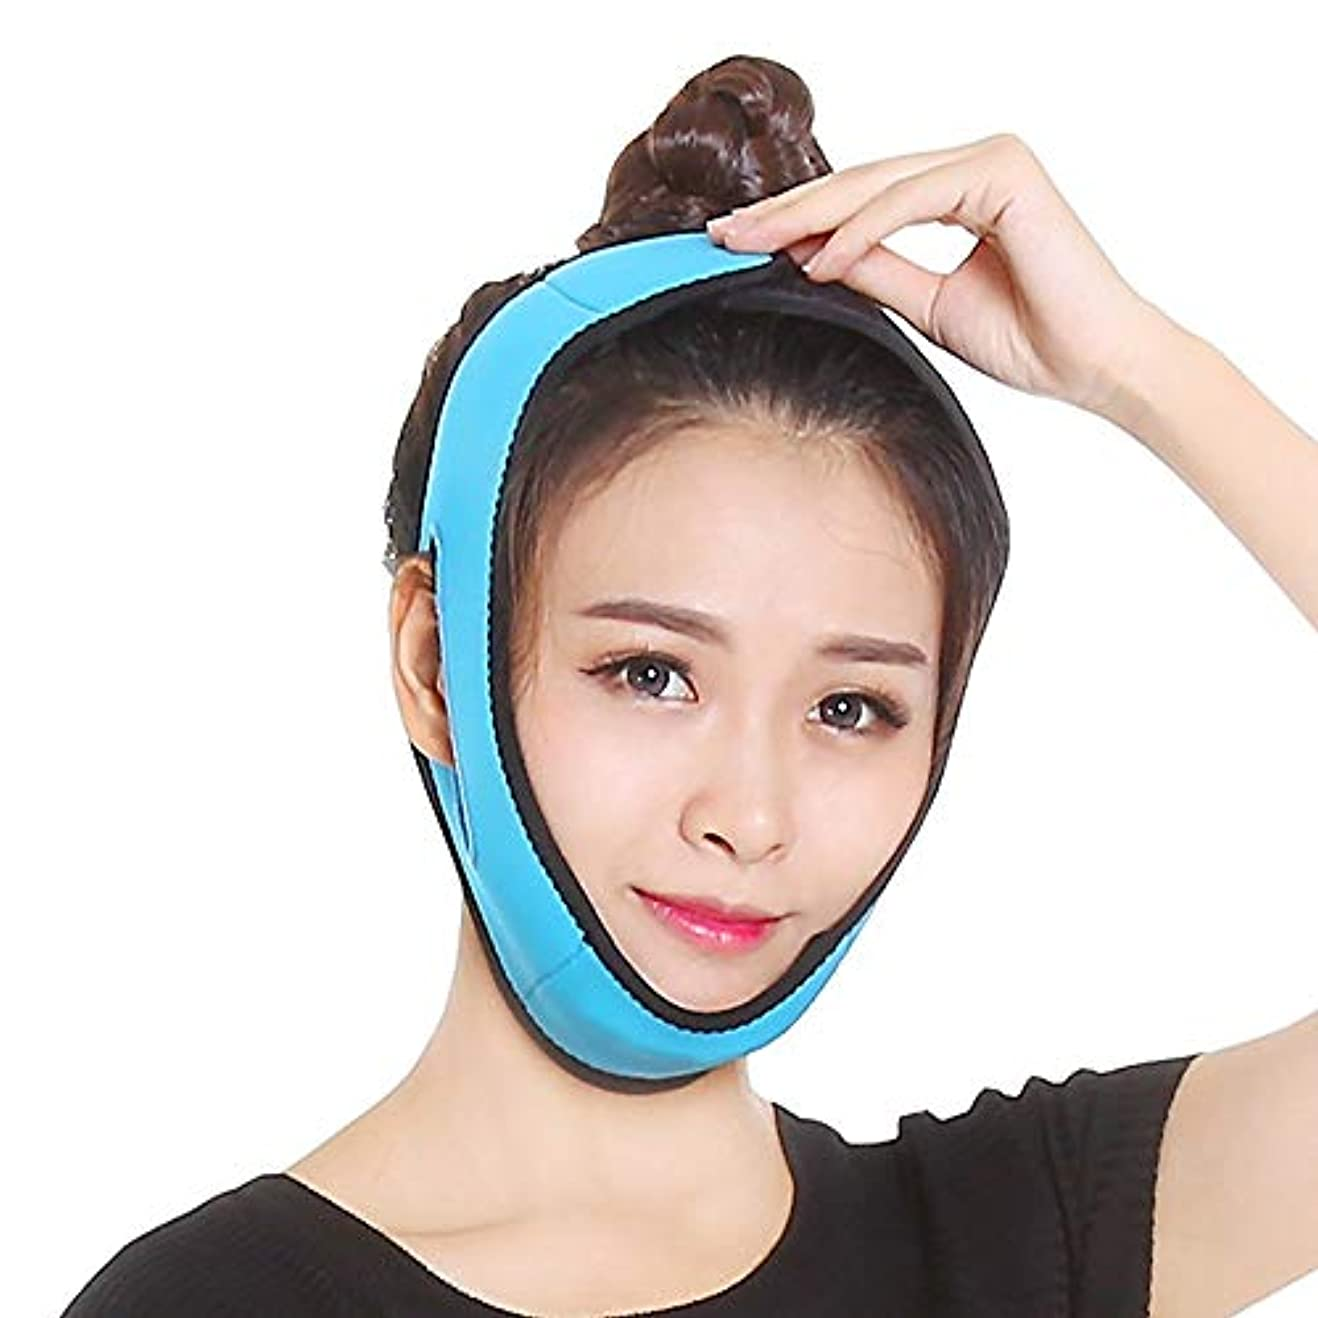 離れた縮約カストディアンJia Jia- フェイシャルリフティングスリミングベルト - 薄いフェイス包帯二重あごデバイス無料フェイシャルマッサージ整形マスクを引き締める顔と首の顔スリム 顔面包帯